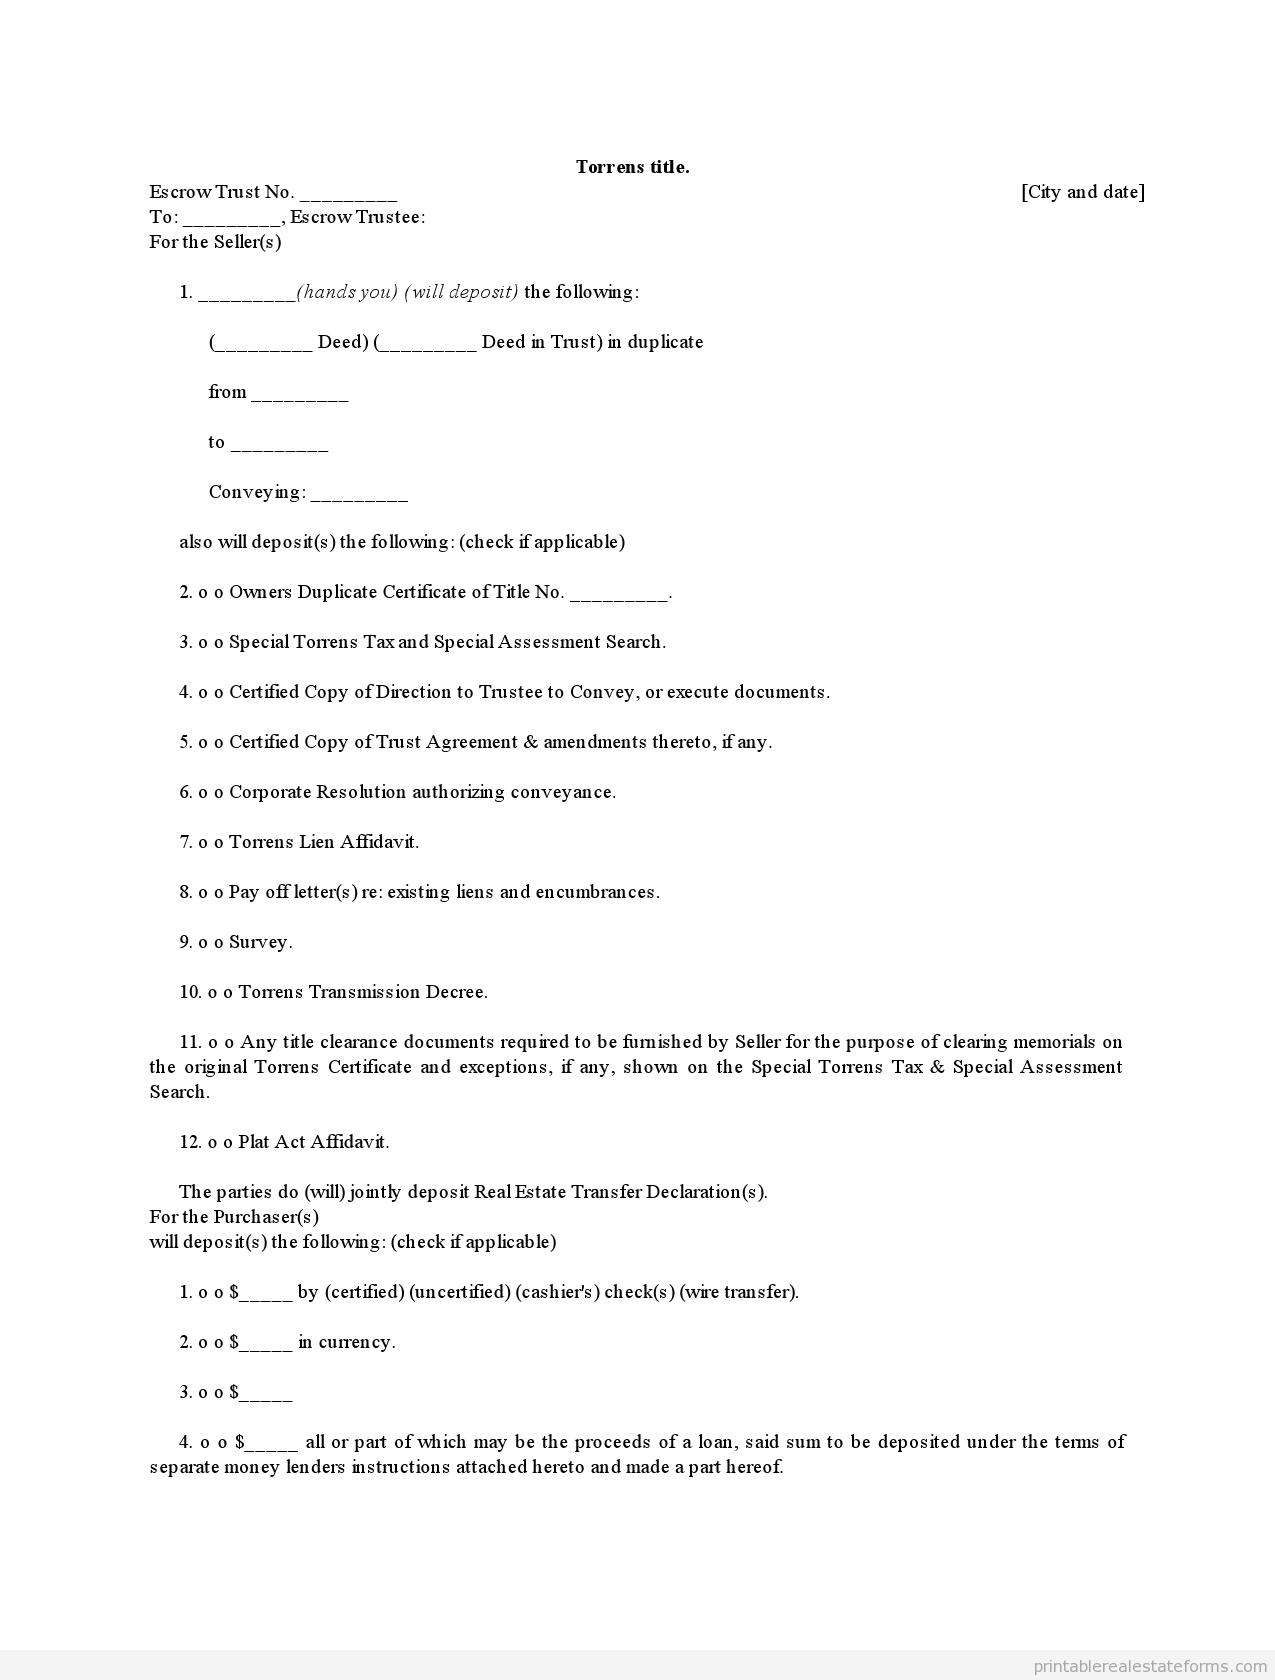 Sample Printable Torrens Title  Form  Sample Real Estate Forms